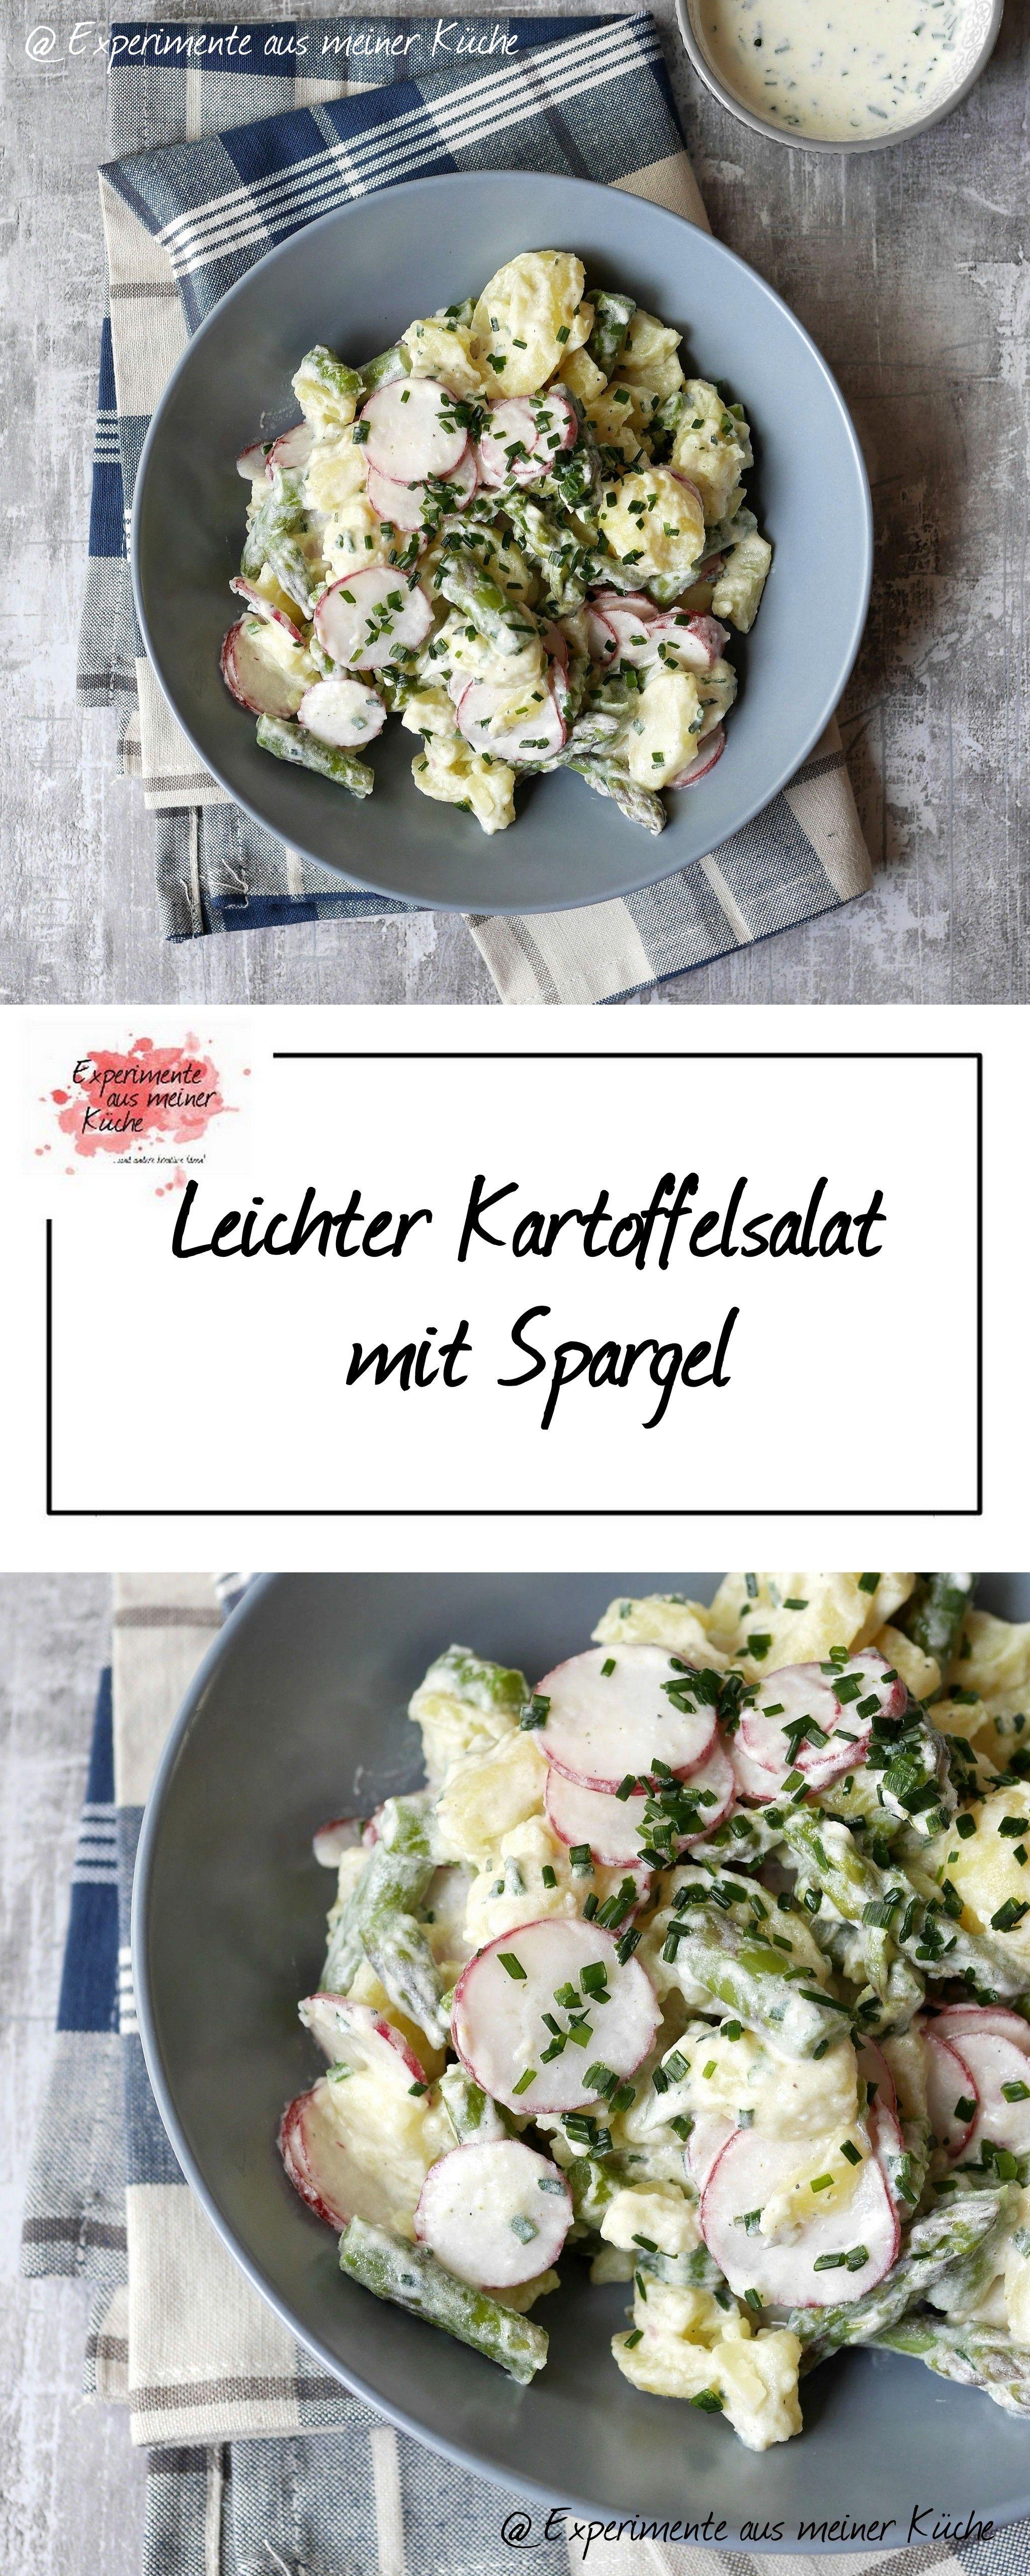 leichter kartoffelsalat mit spargel leichte kartoffelsalate spargel kochen rezept und. Black Bedroom Furniture Sets. Home Design Ideas